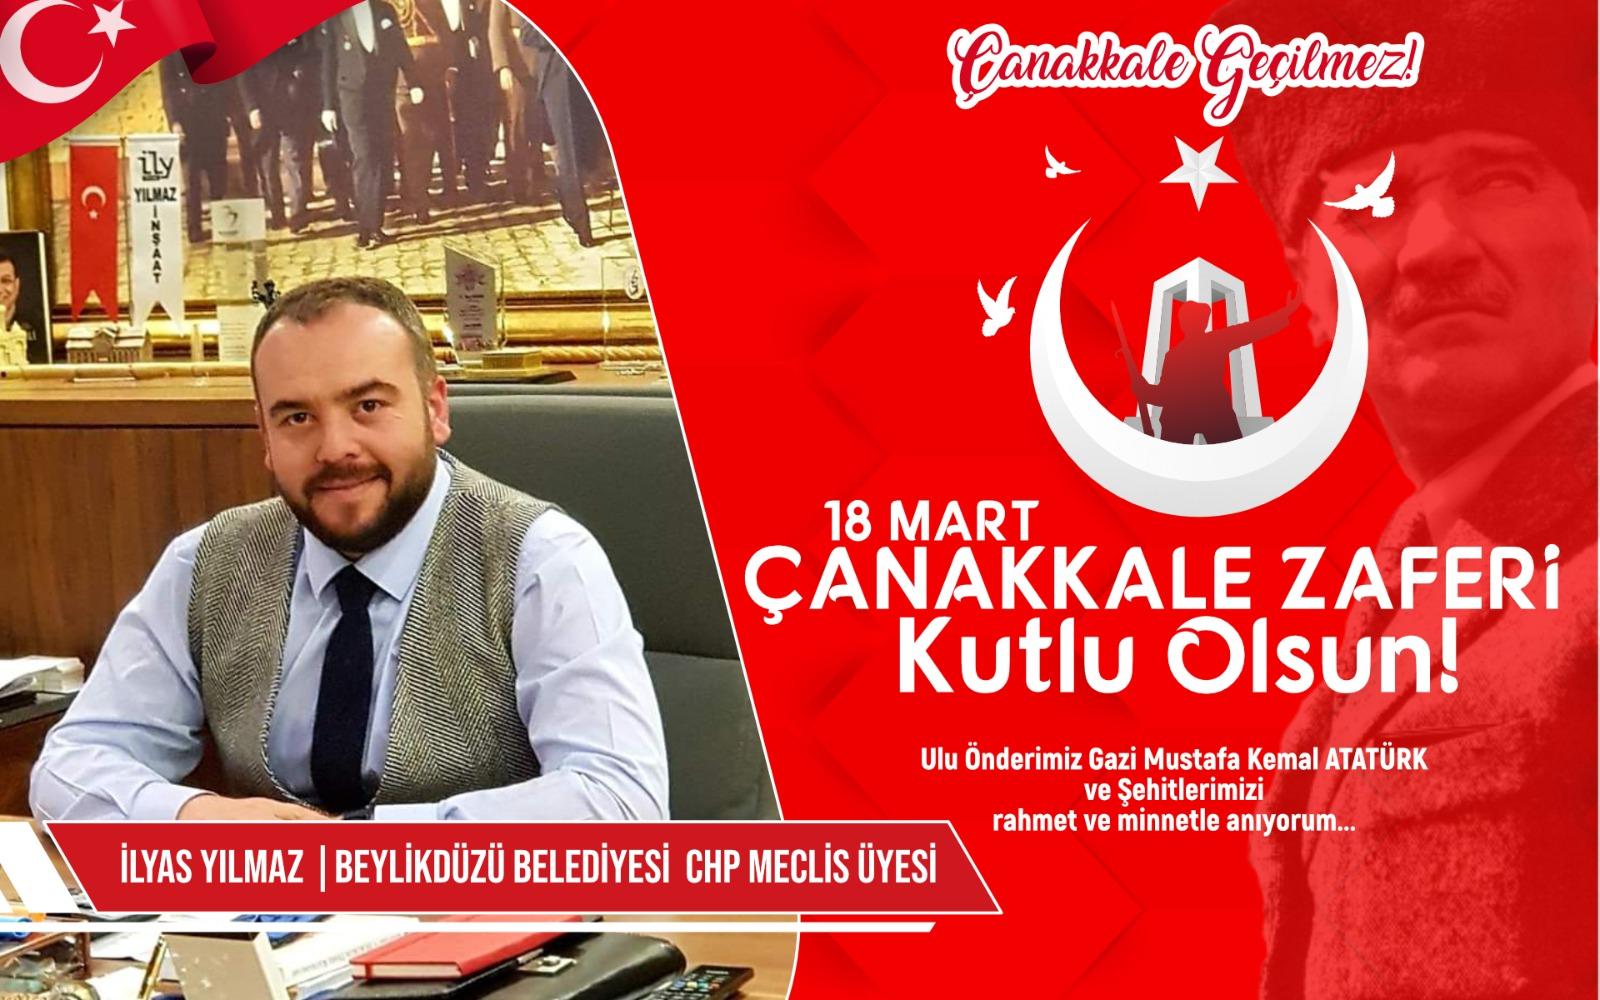 Beylikdüzü Belediyesi CHP meclis üyesi İlyas Yılmaz'dan Kutlama ve Anma mesajı